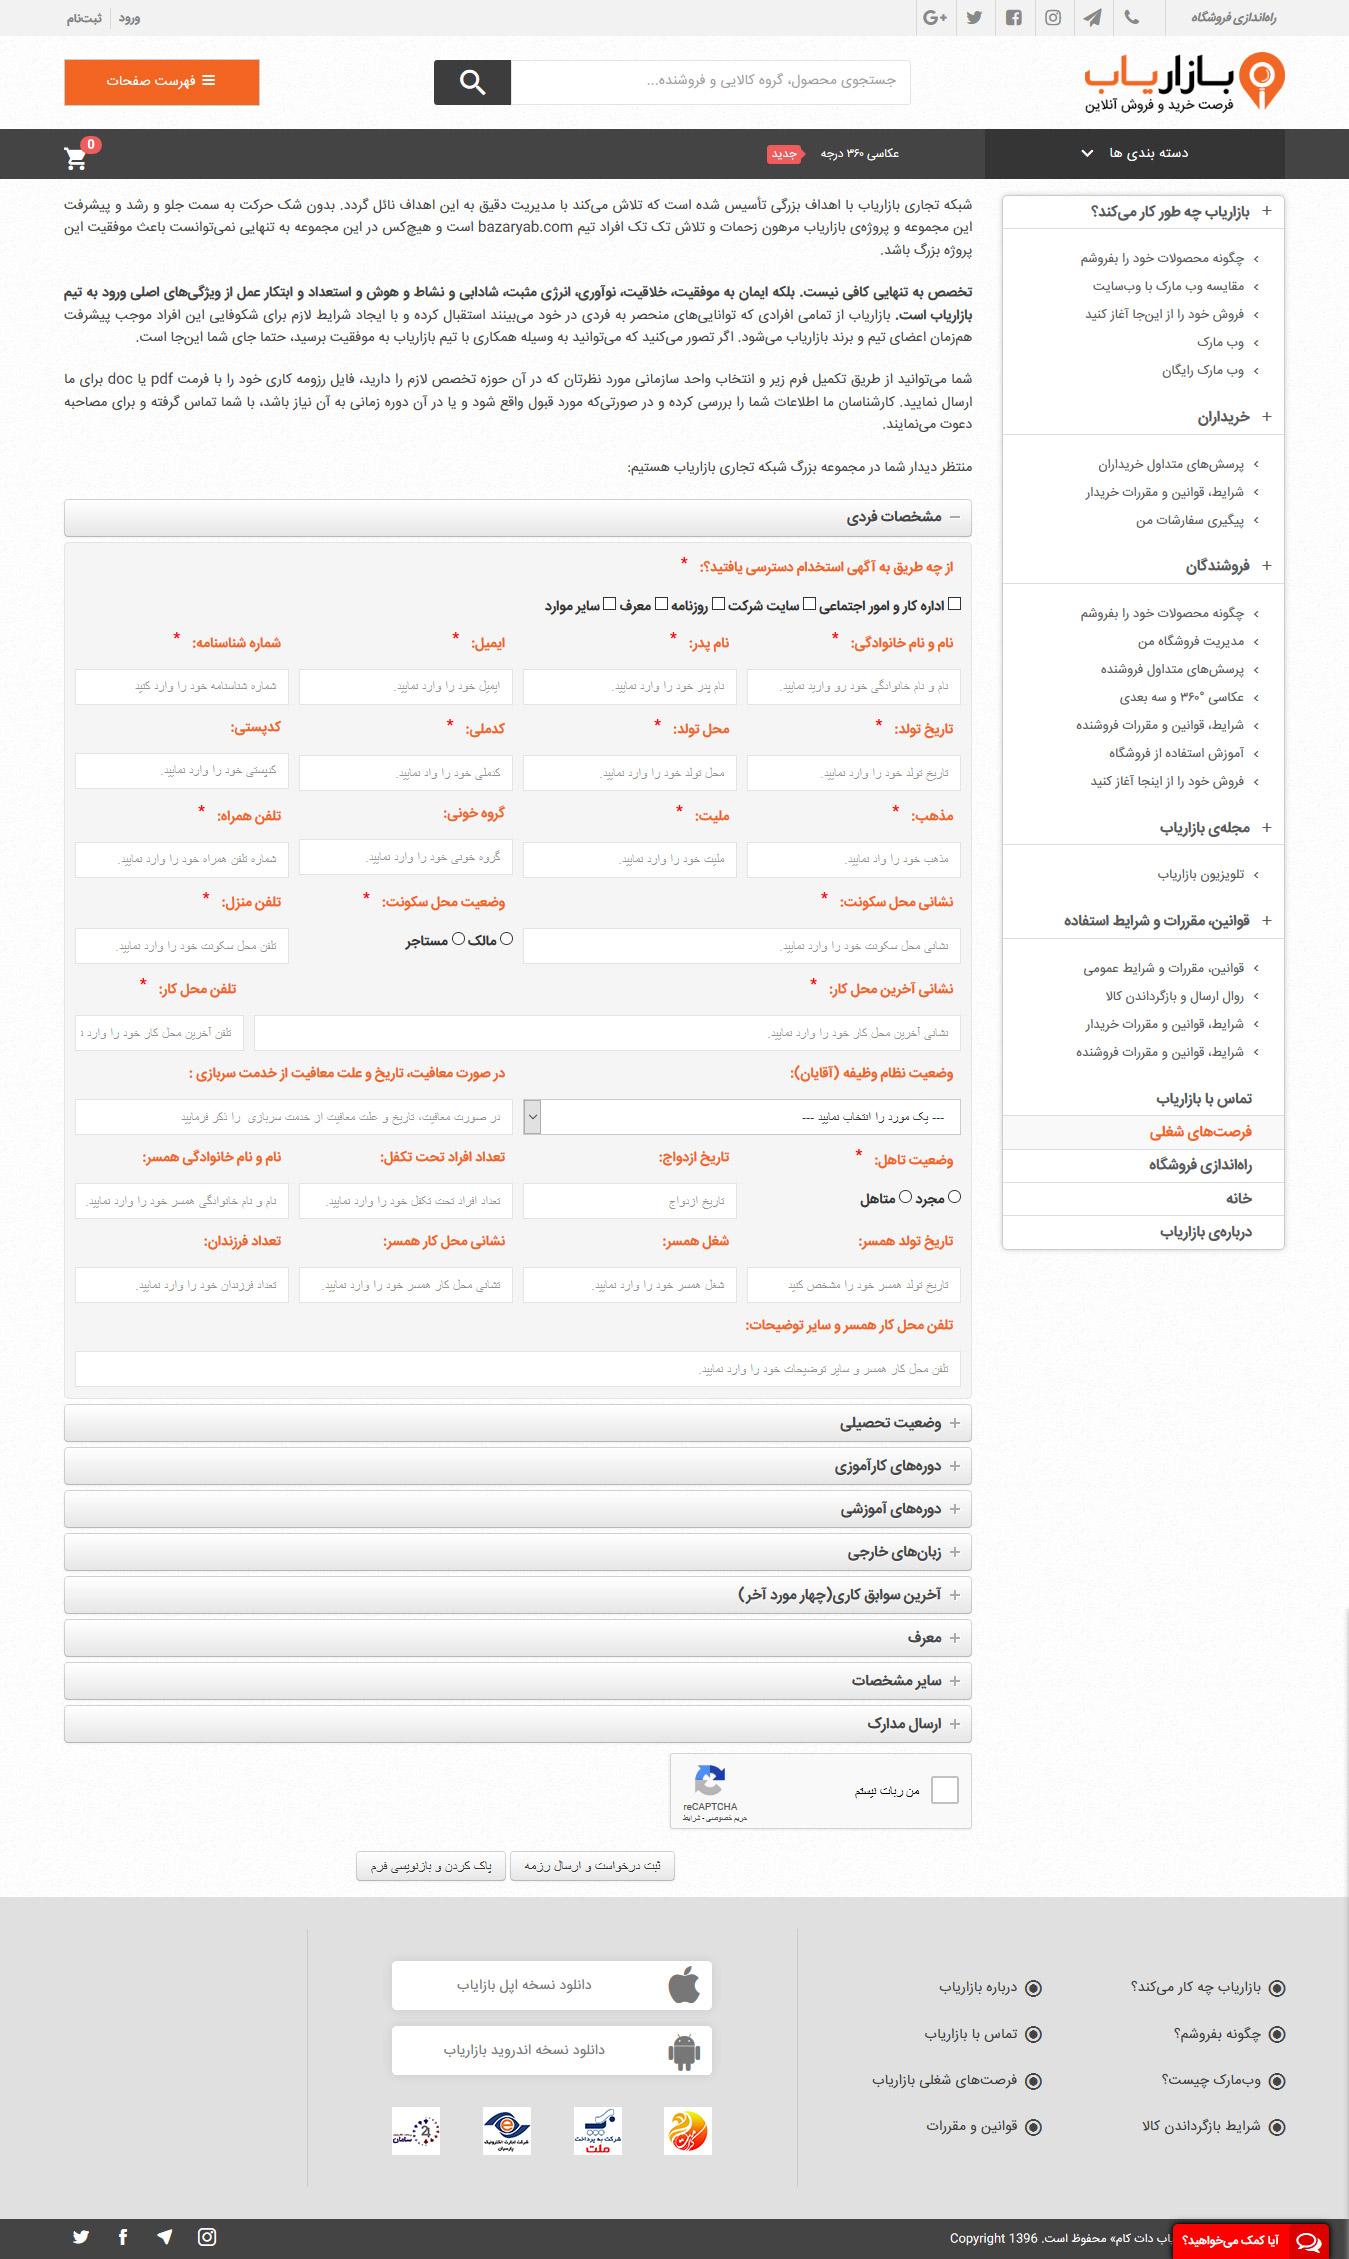 تصویری از صفحه درخواست استخدام فروشگاه بازاریاب دات کام